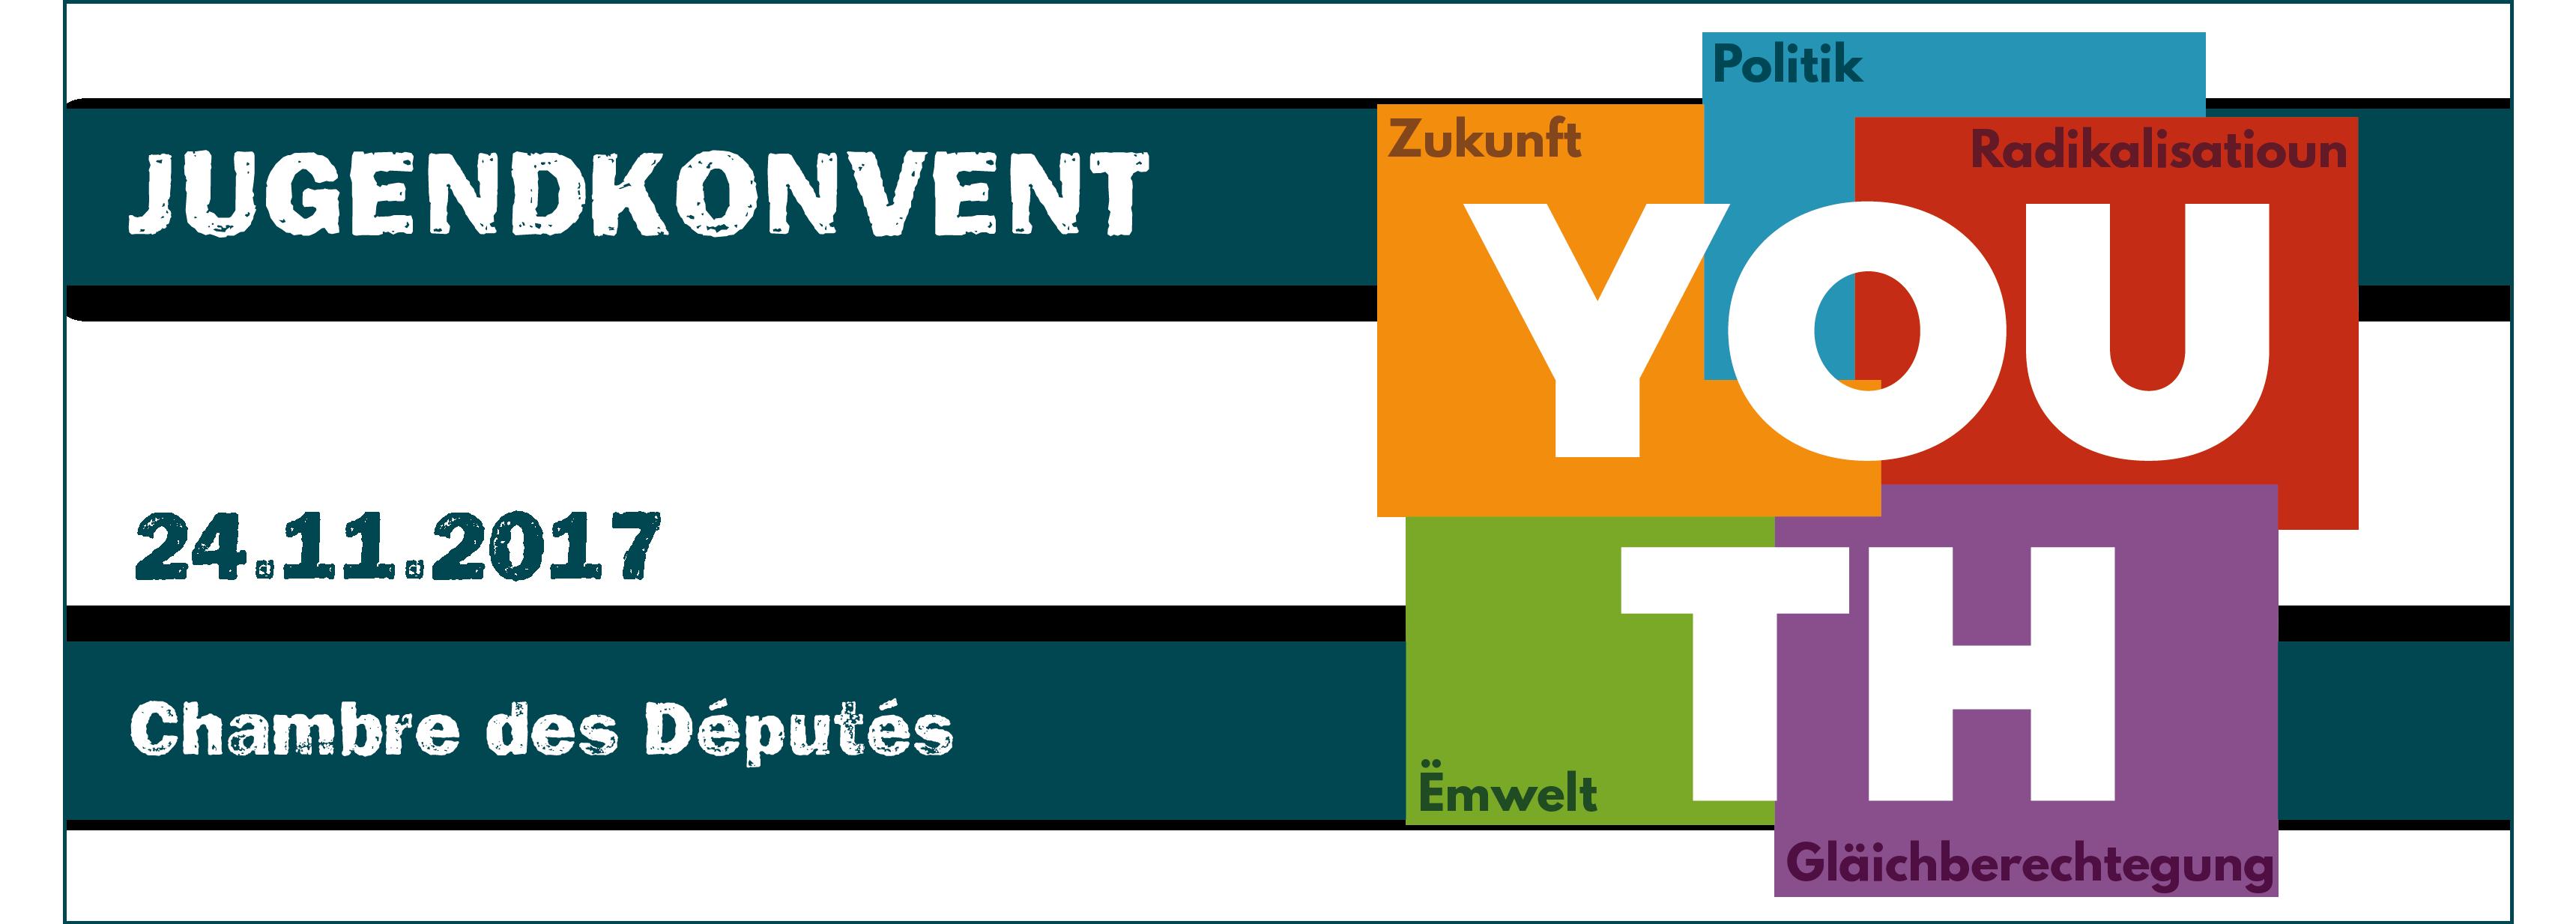 Jugendkonvent